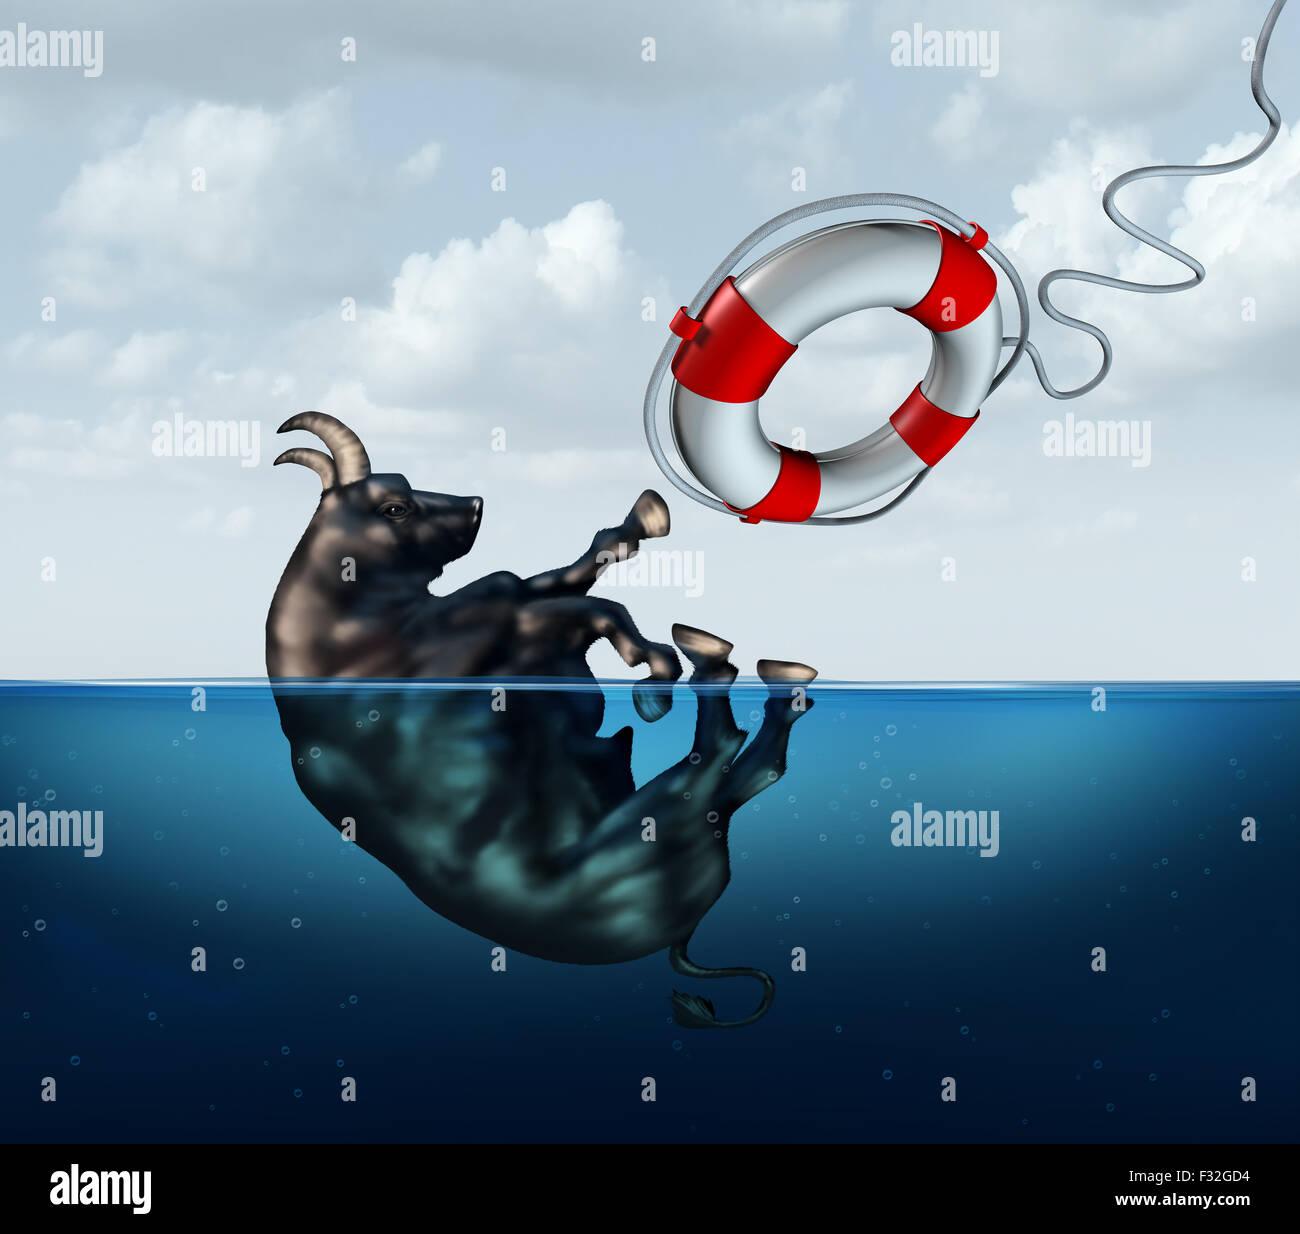 Die Bull Markt Geschäftskonzept oder Geldanlage Sicherheit Metapher speichern als ein Stier mit ein Lebensretter Stockbild